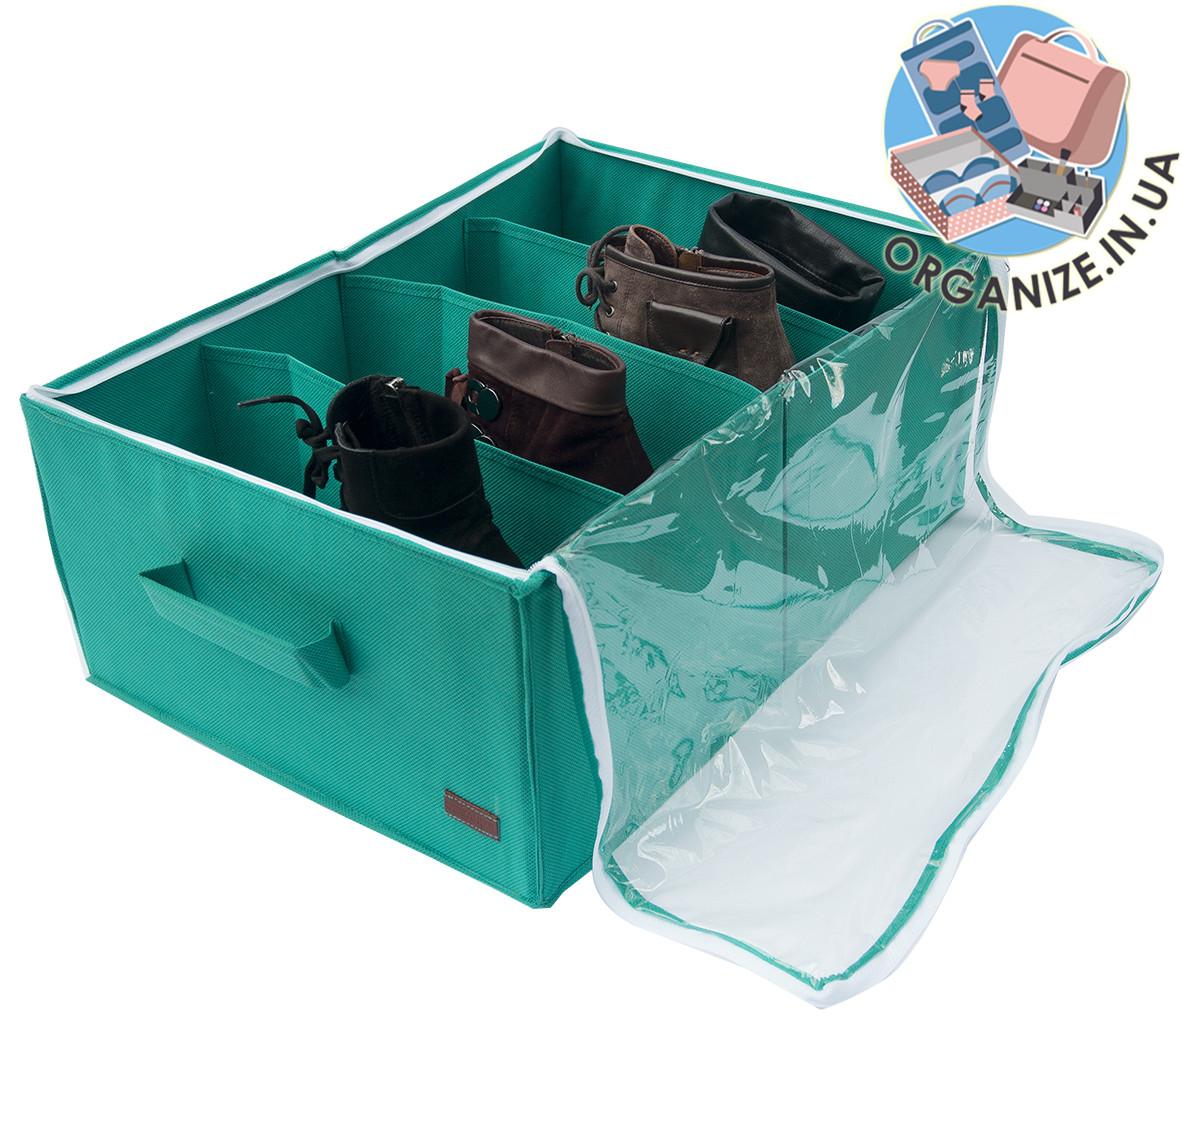 Коробка для хранения обуви на 4 пары ORGANIZE (лазурный)